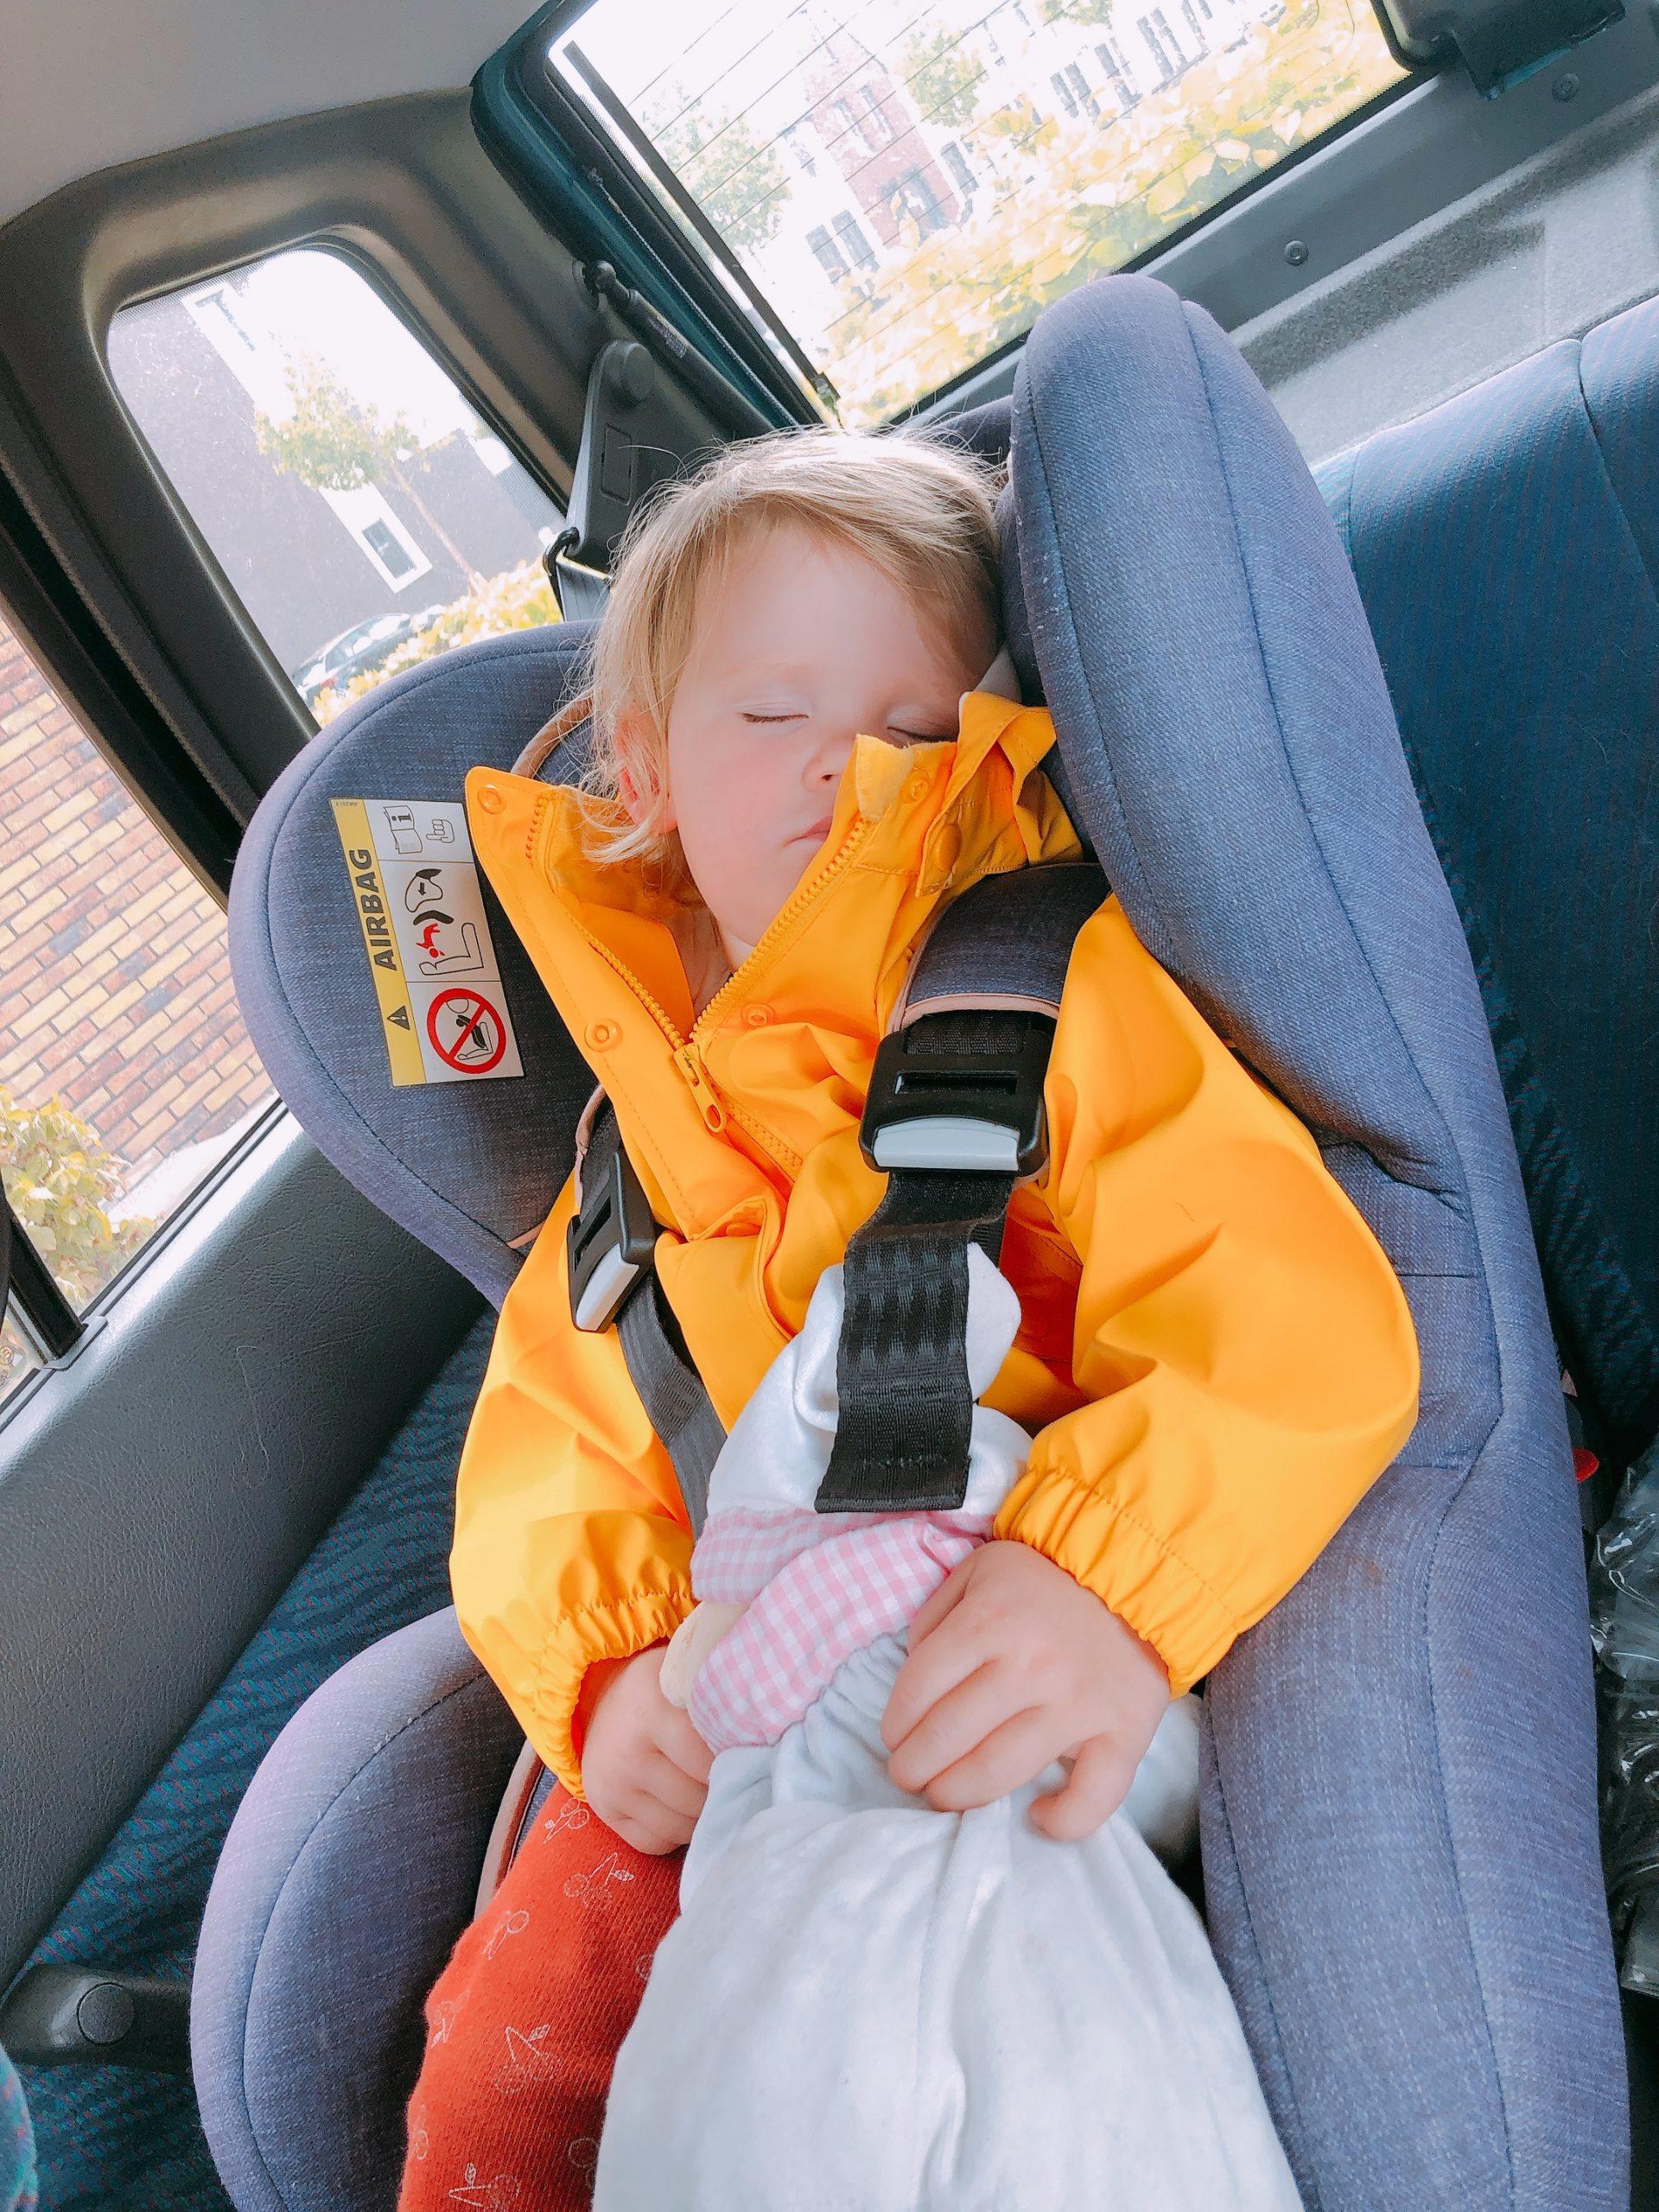 IMG 7002 scaled - Elise's Weekly Pictorama #32 - Moederdag vieren & kindjes terug naar school!